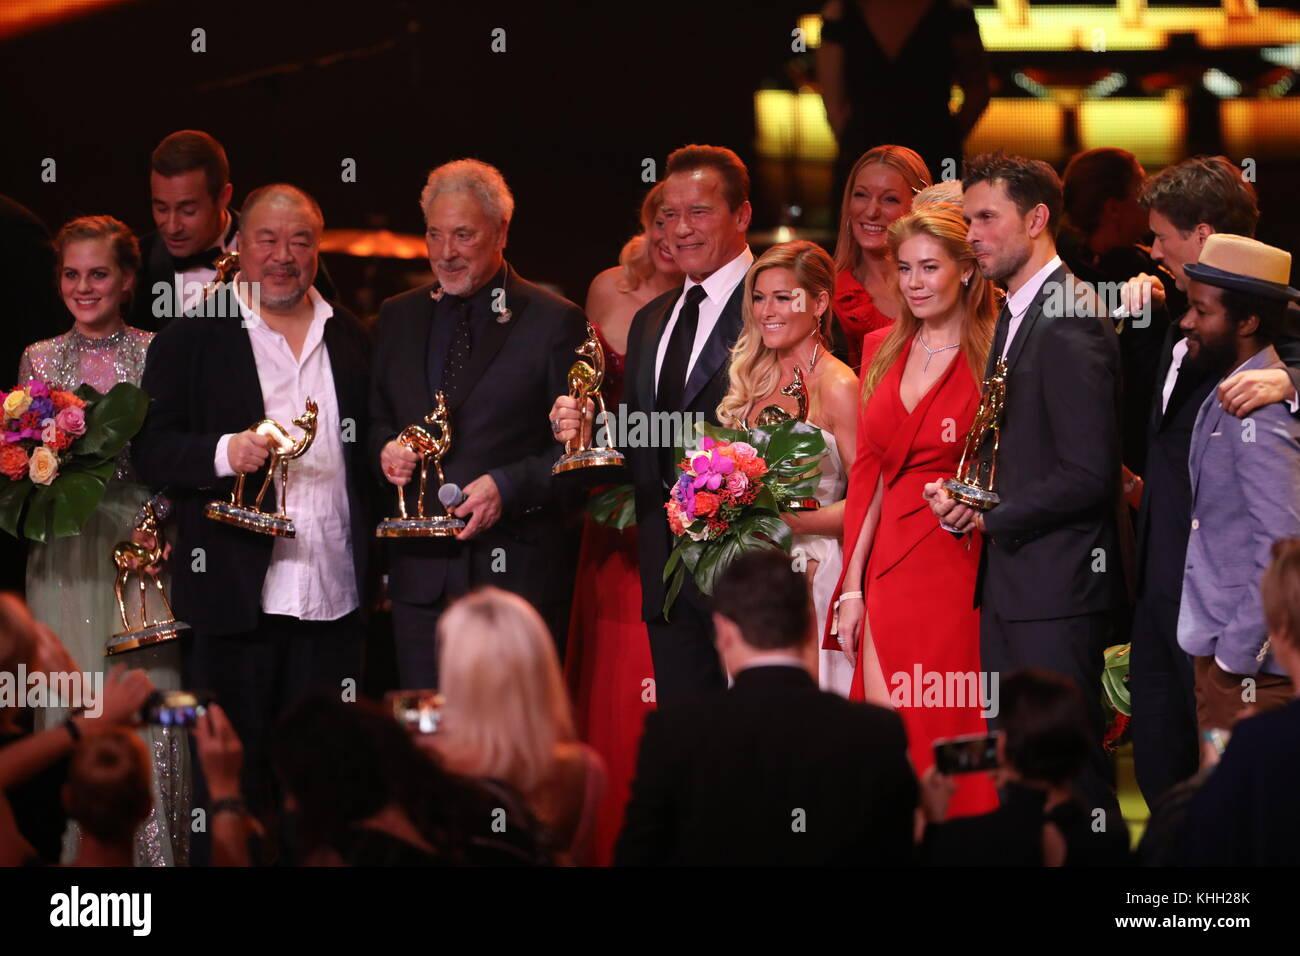 Die Preisträger, die schauspielerin Alicia von rittberg (Schauspielerin national), Moderator Kai Pflaume (Moderator), Stockbild